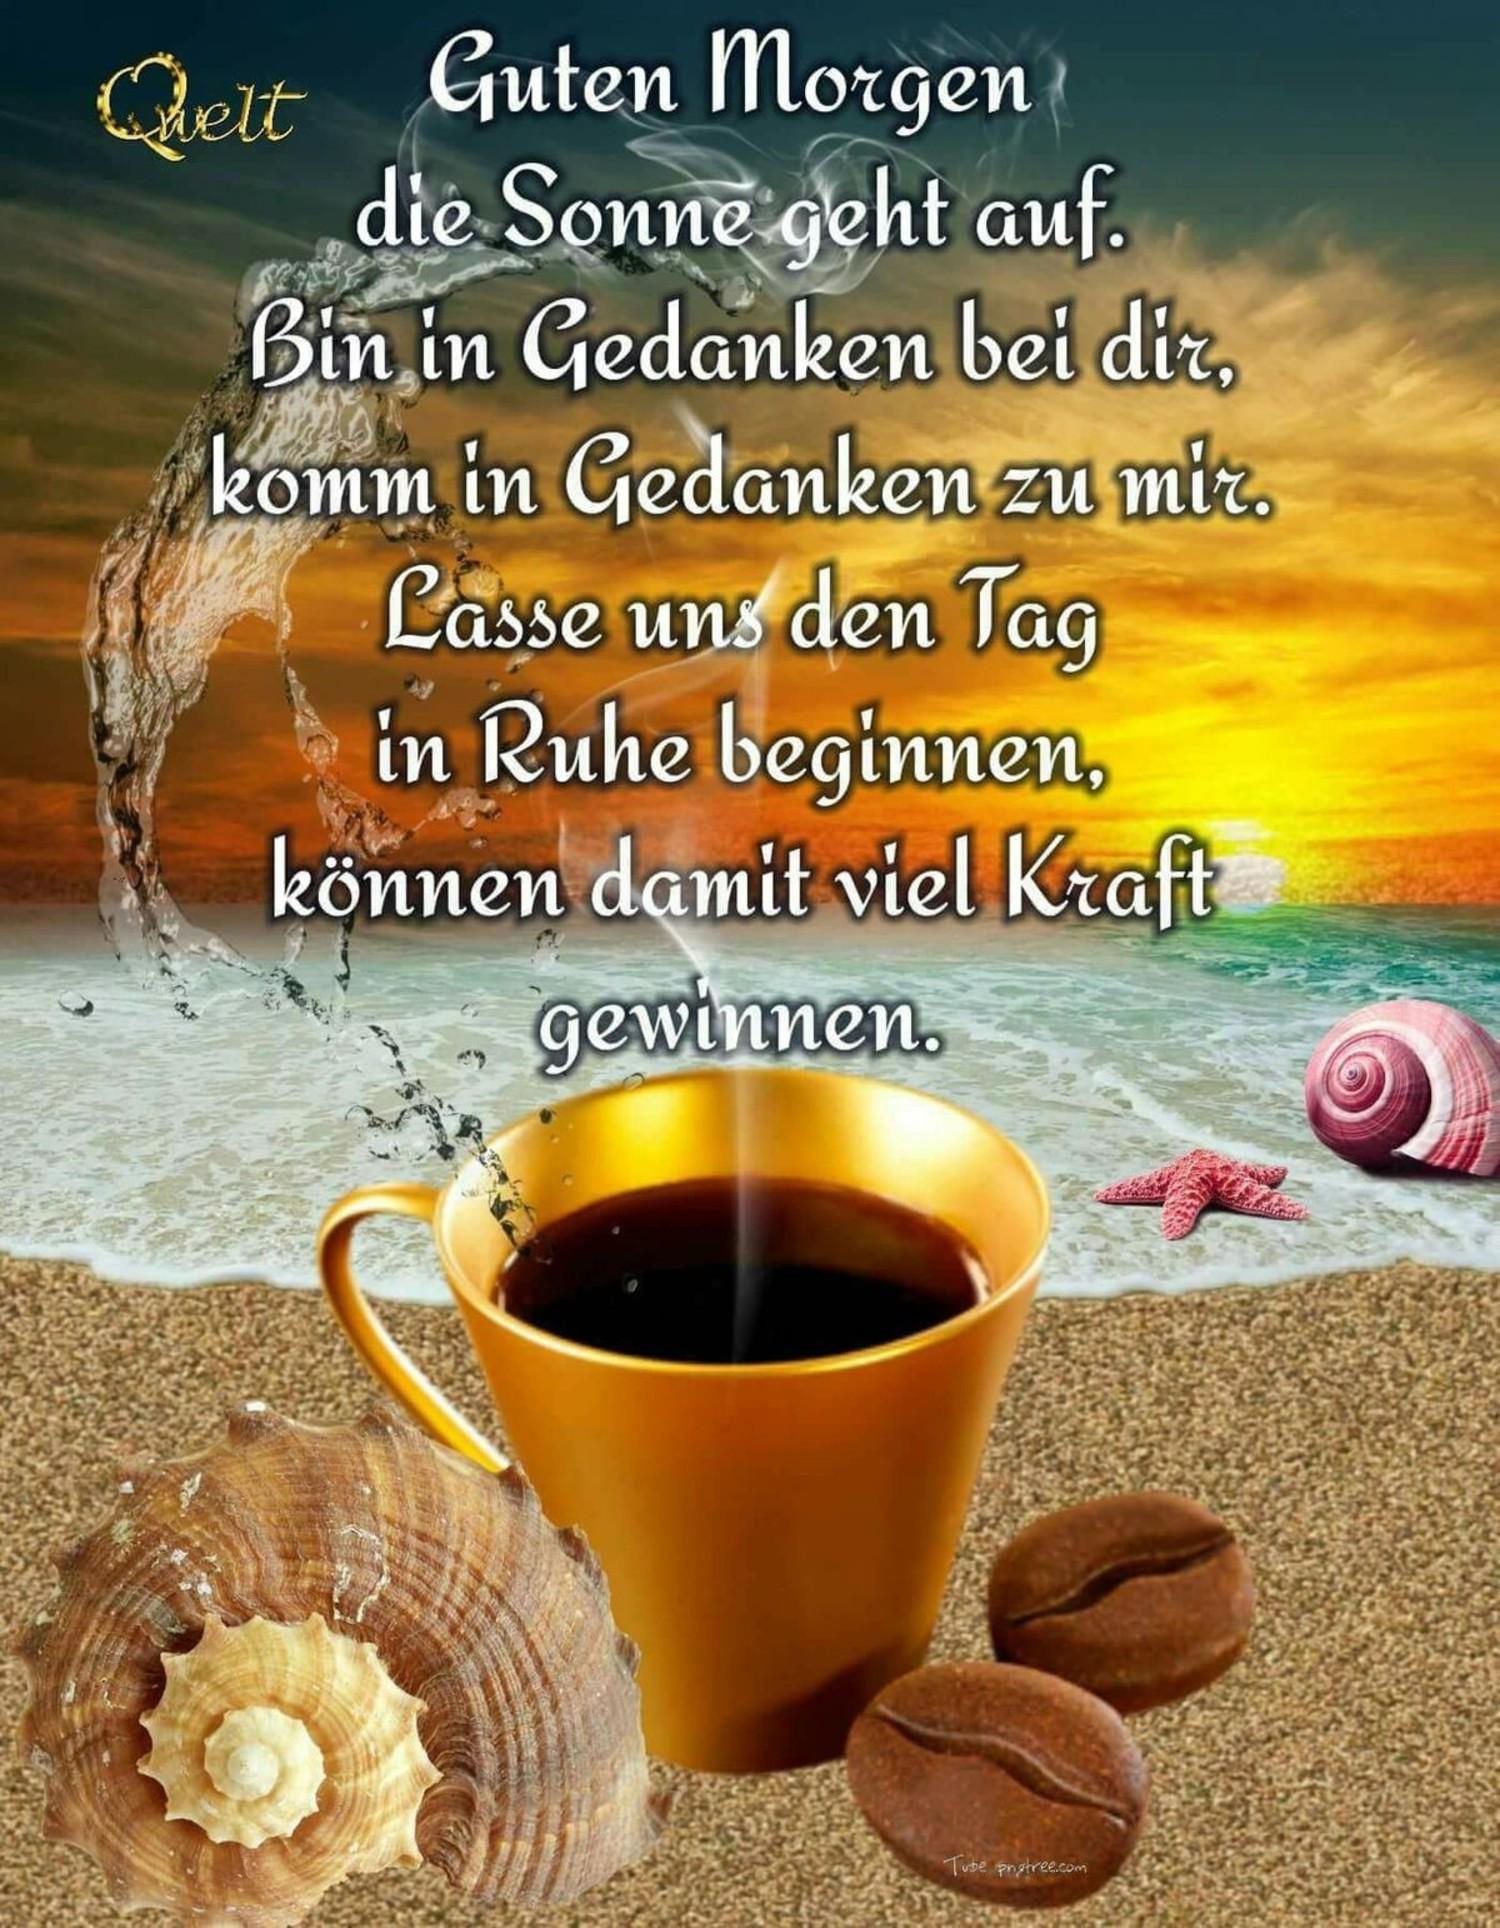 Guten Morgen guten morgen - GBPicsBilder.com